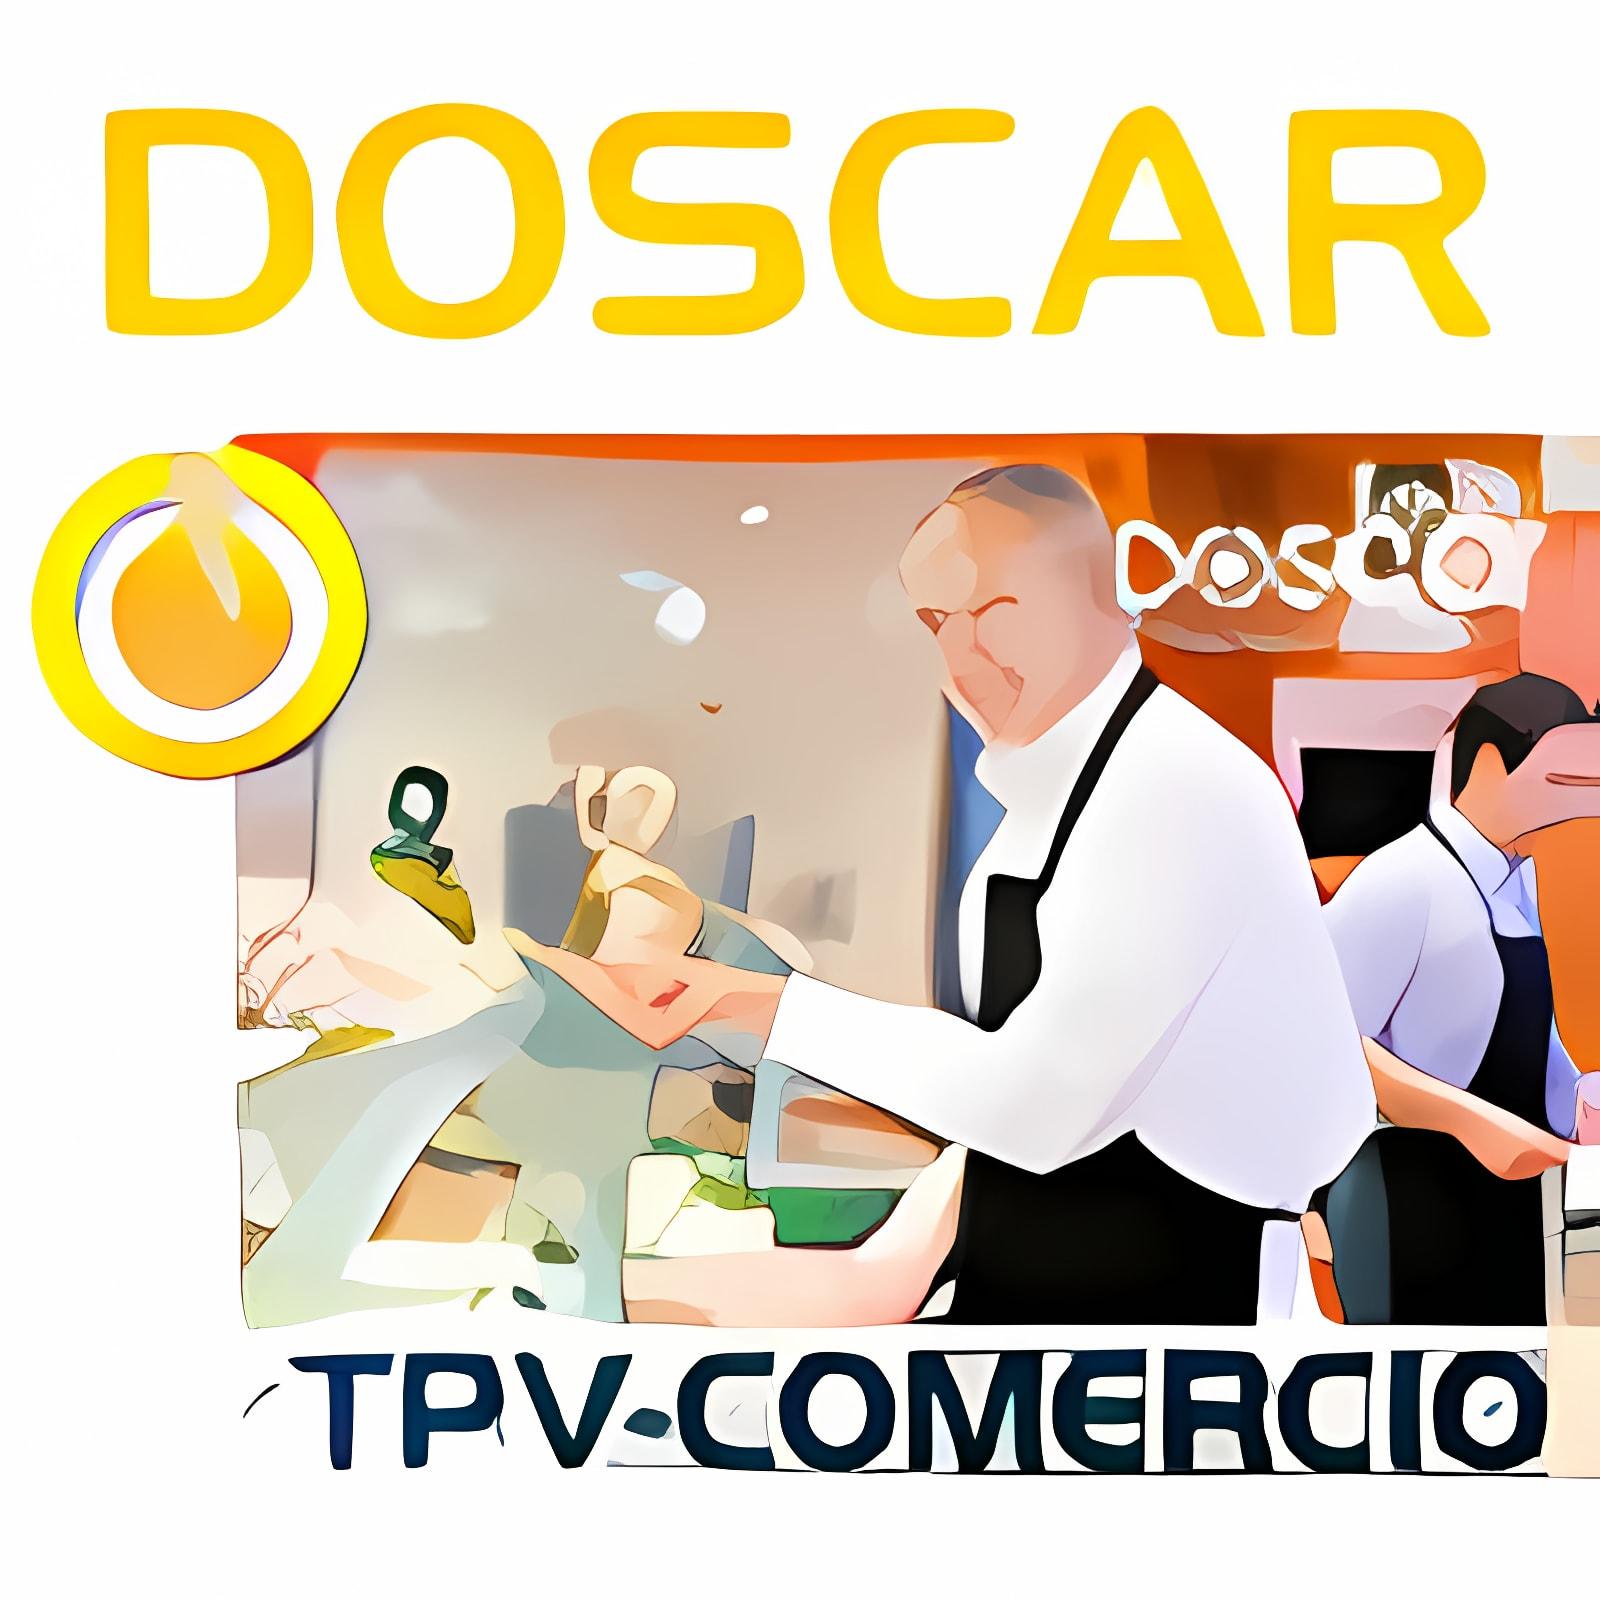 Doscar TPV Comercio